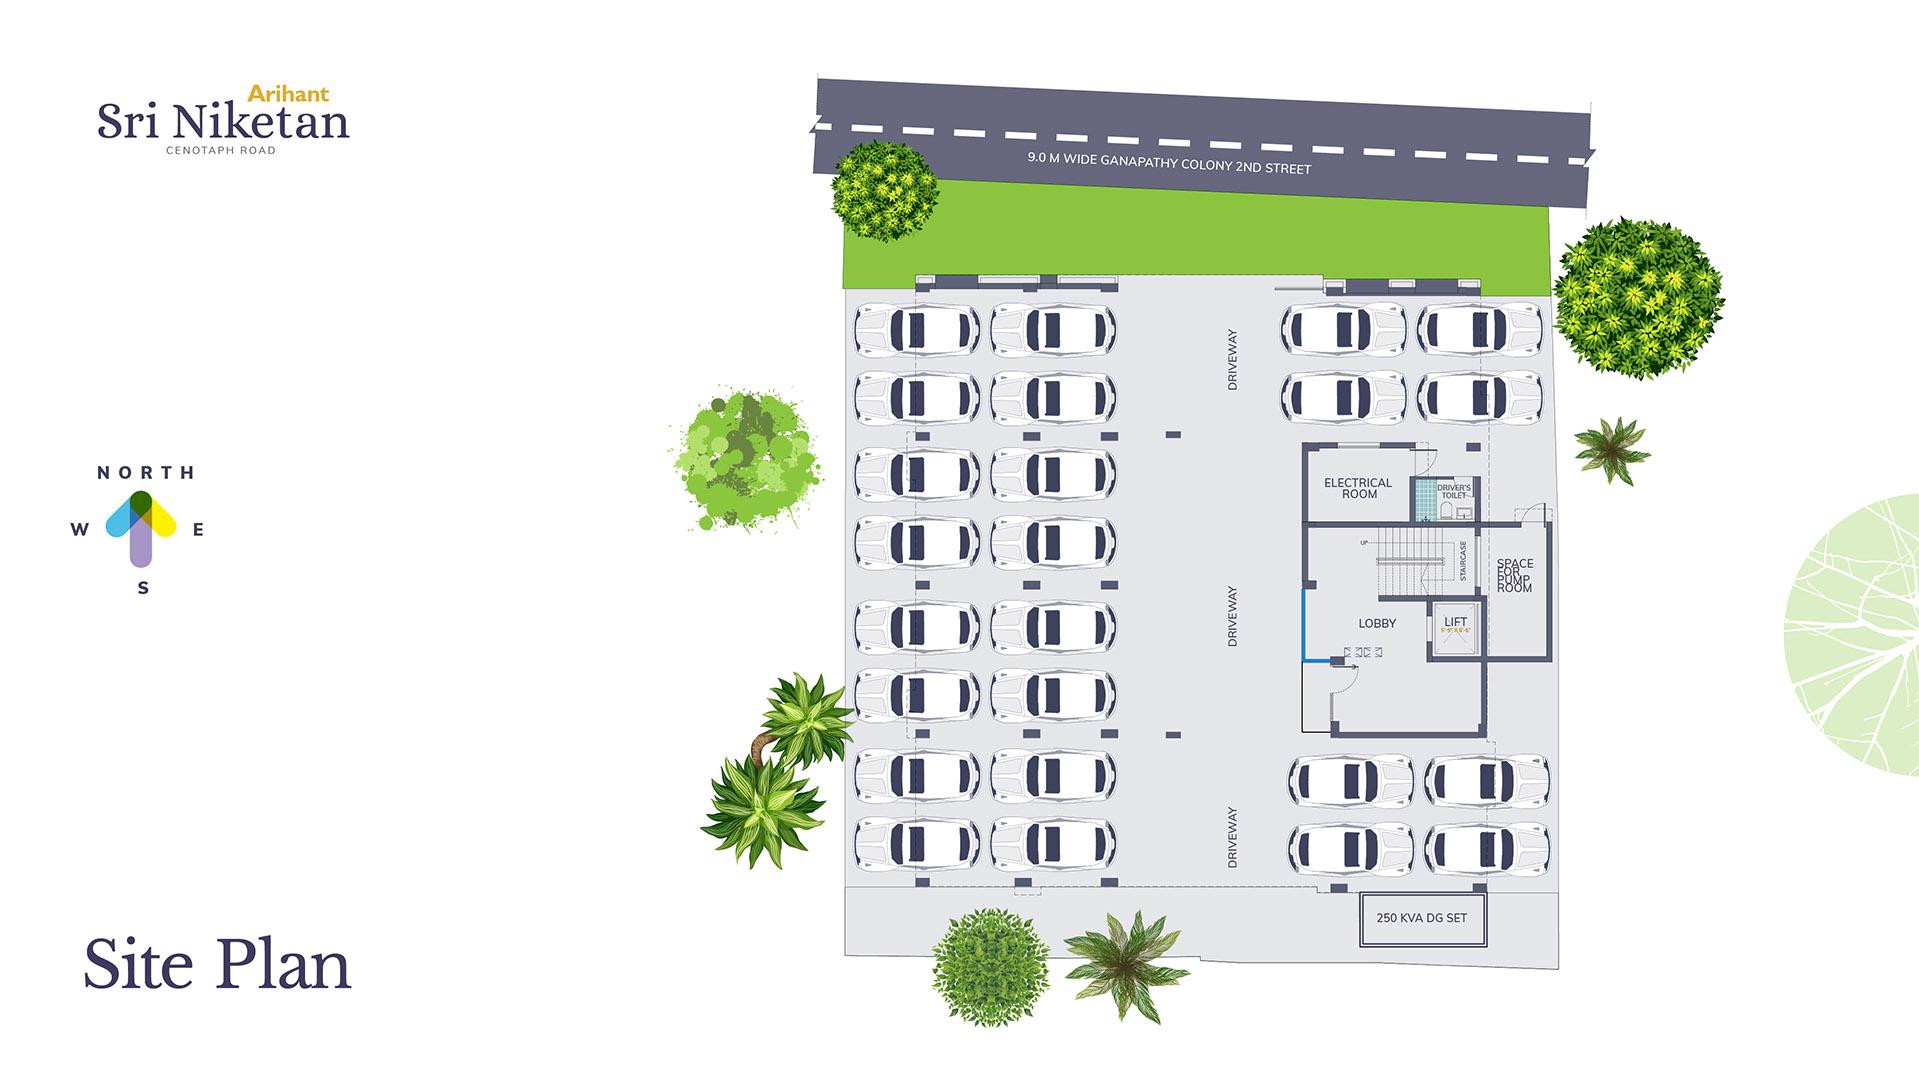 Sri Niketan Site Plan